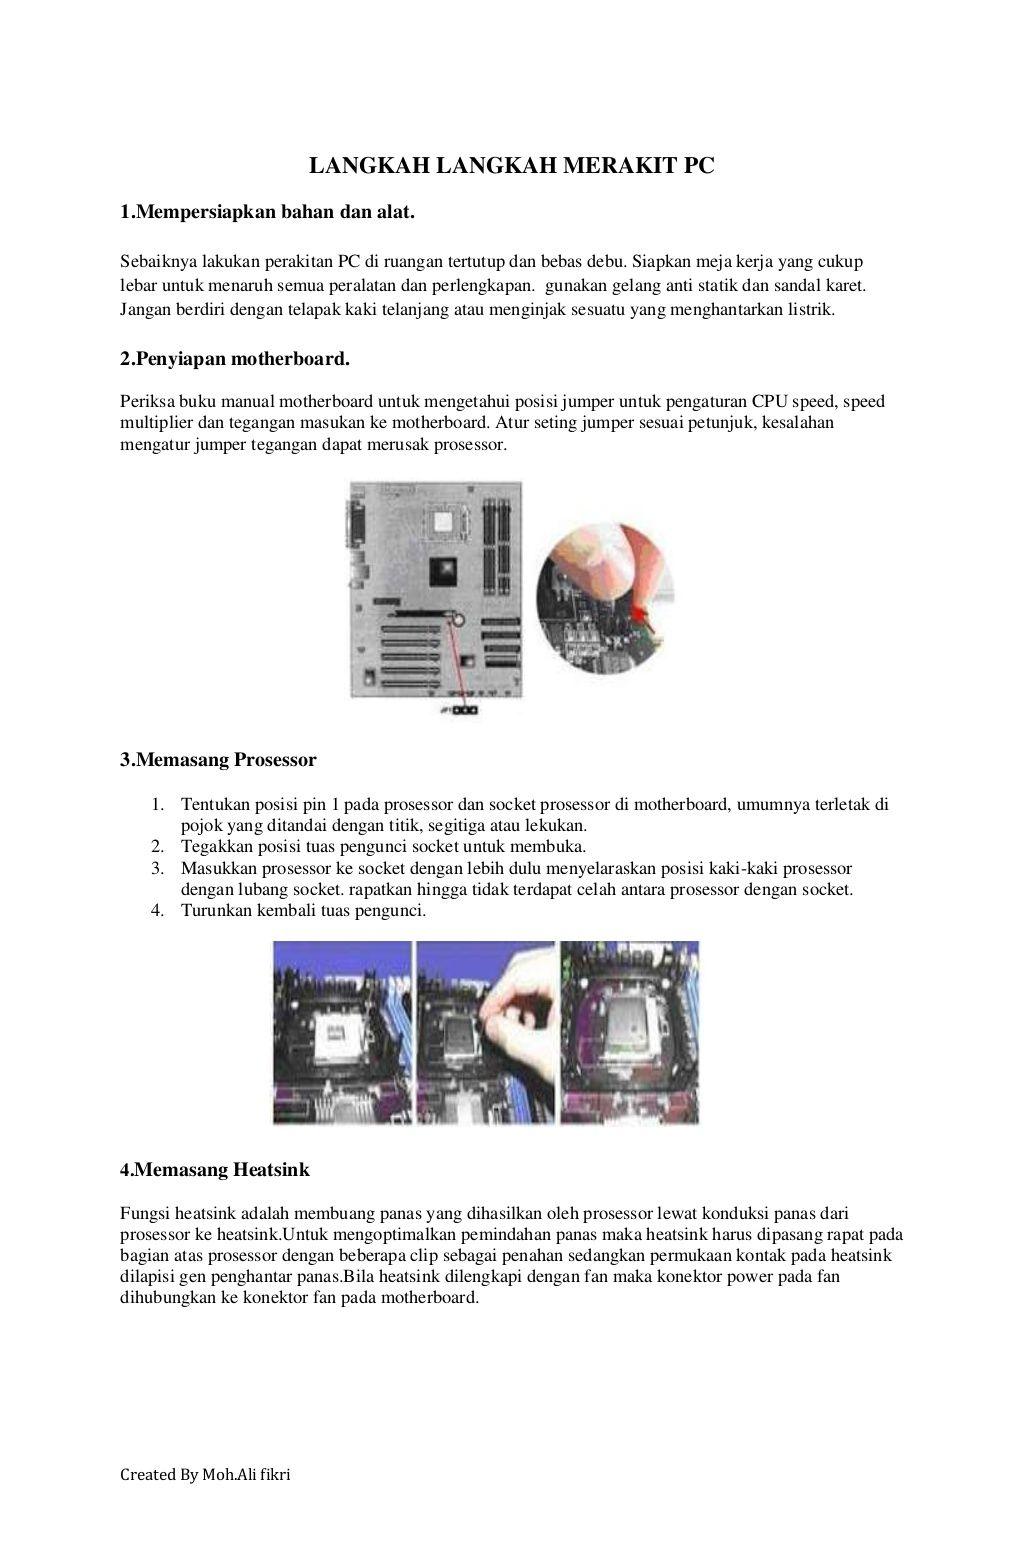 Fungsi Jumper Pada Motherboard : fungsi, jumper, motherboard, Santiie, Siahaan, (santiie), Pinterest